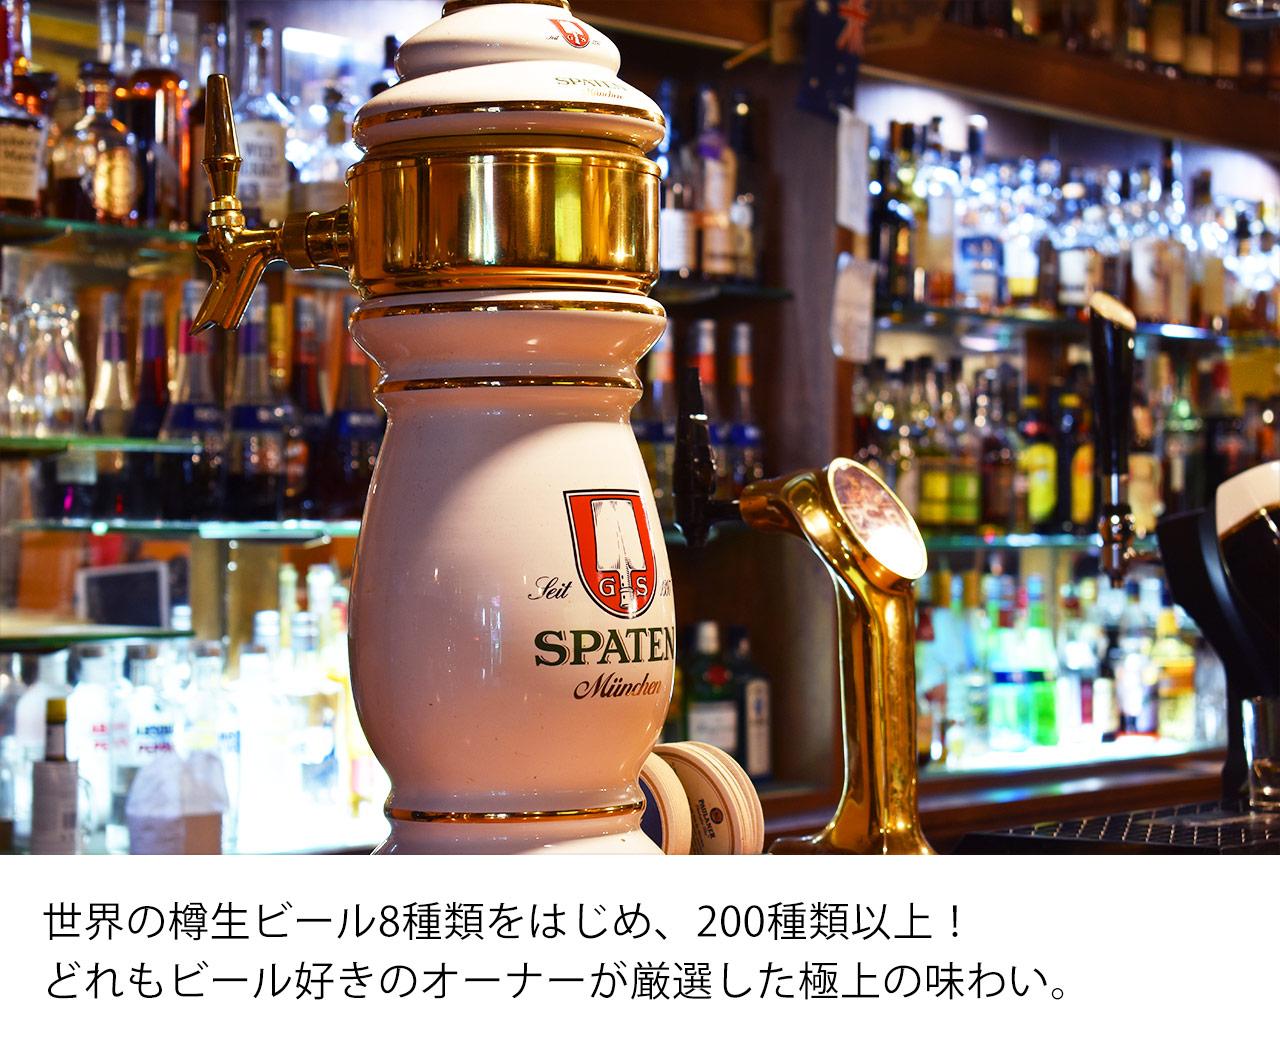 世界の樽生ビール8種類をはじめ、200種類以上!どれもビール好きのオーナーが厳選した極上の味わい。